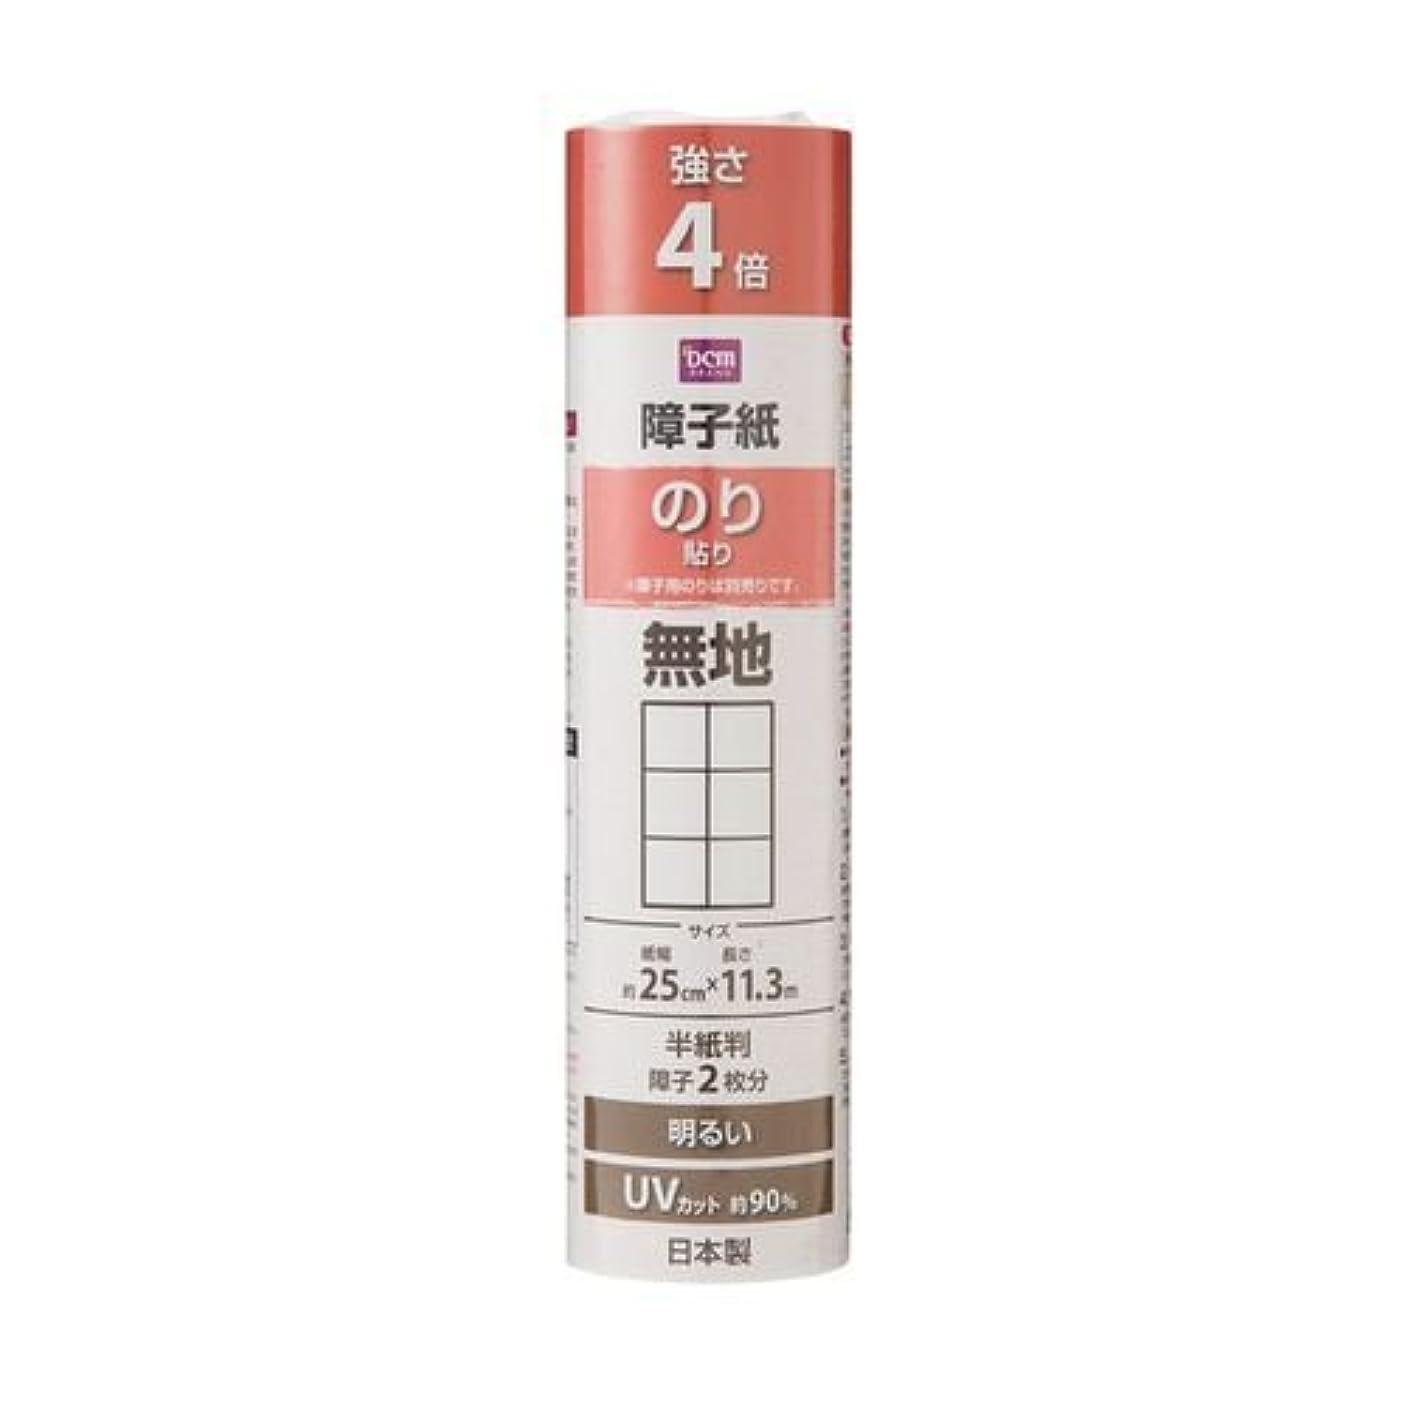 シンプルさ環境に優しい継承障子紙 強度4倍 のり貼り 25x11.3m